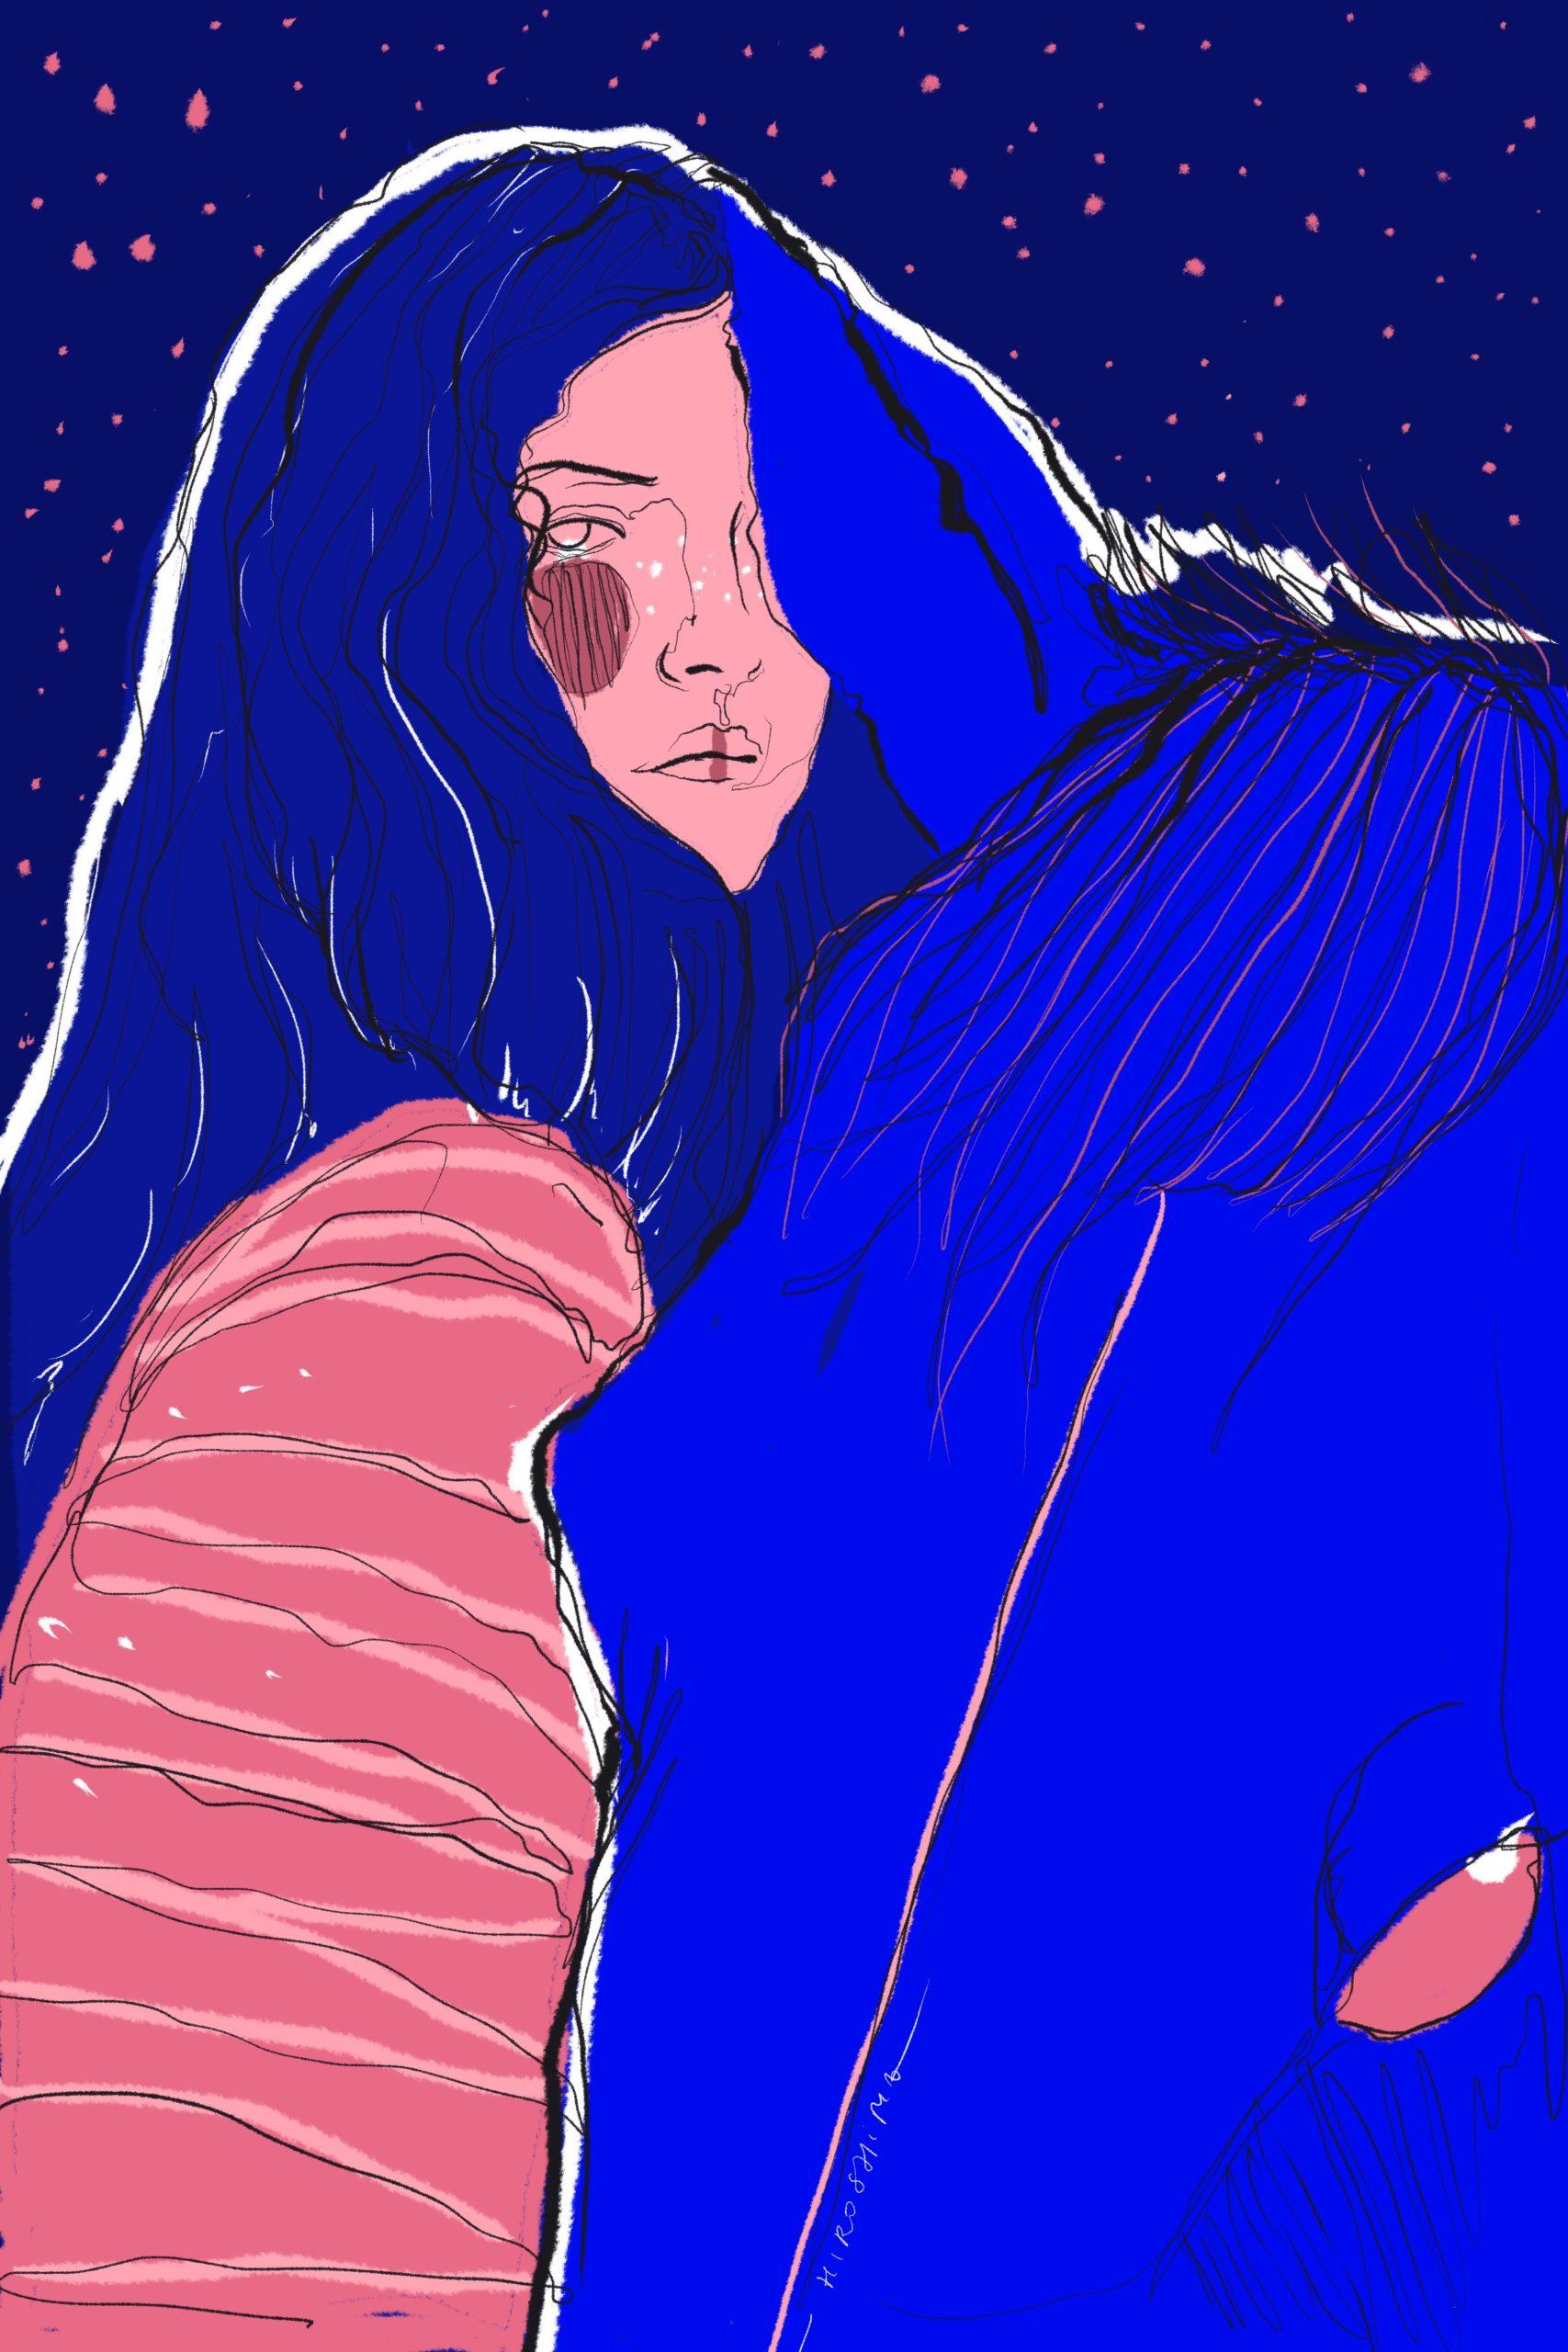 Comic Illustration Procreate Blue Pink Woman Girl Horse Melancholy Melancholic Eyes